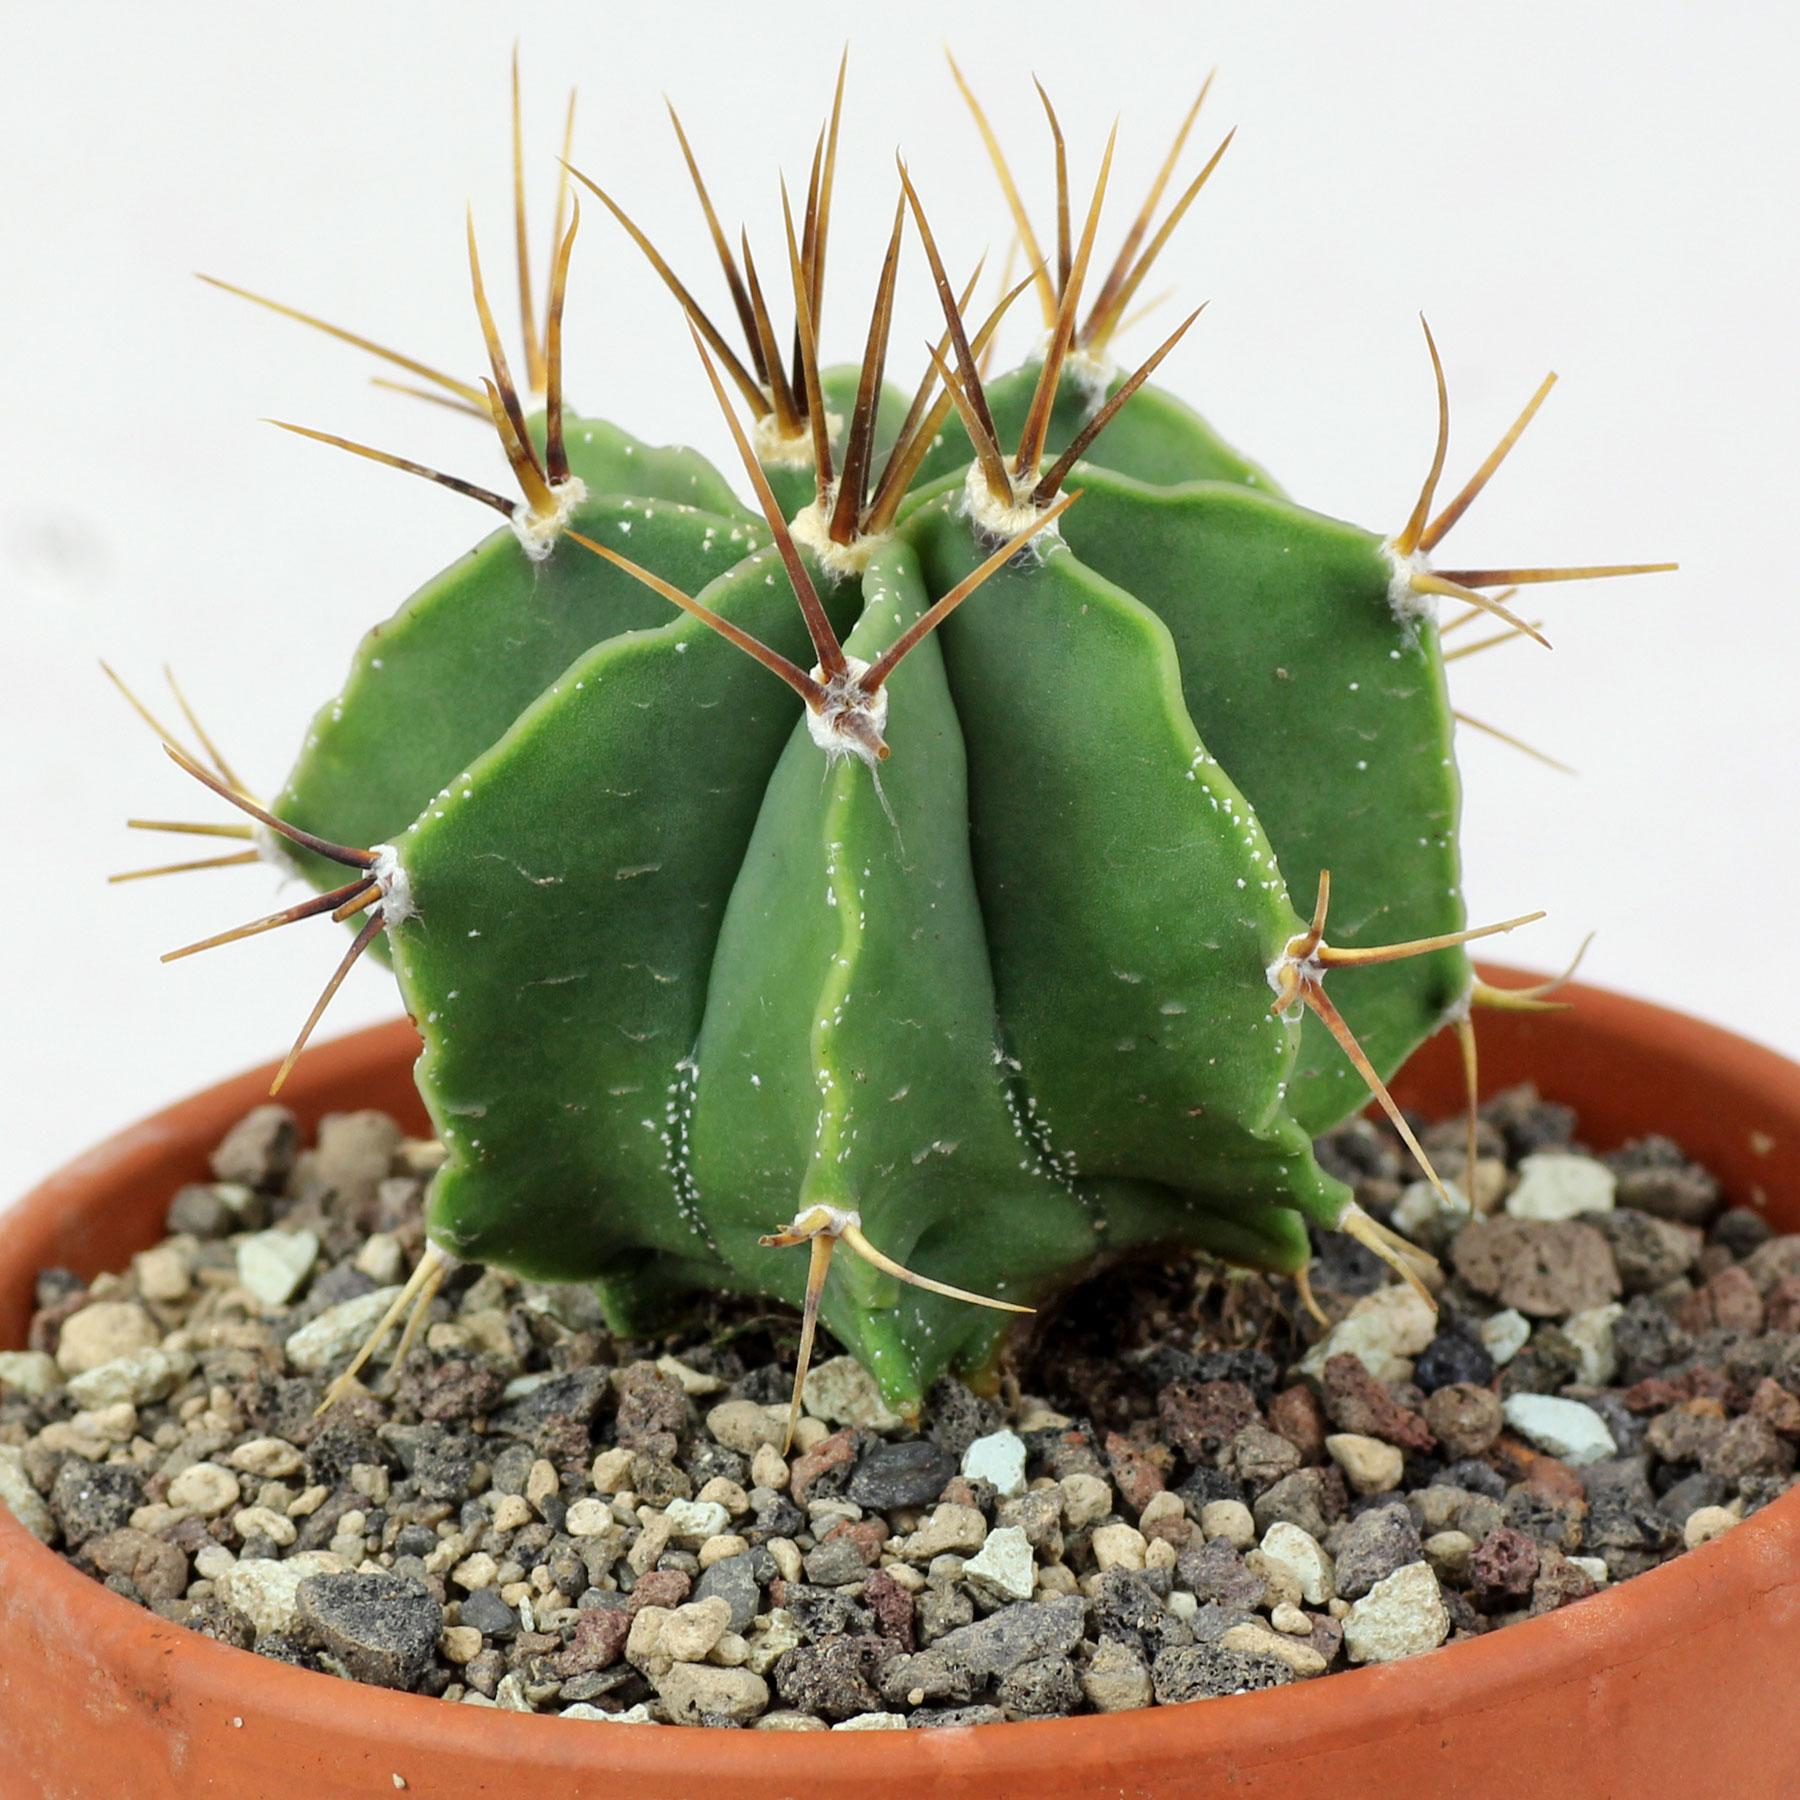 Astrophytum ornatum var. glabrescens